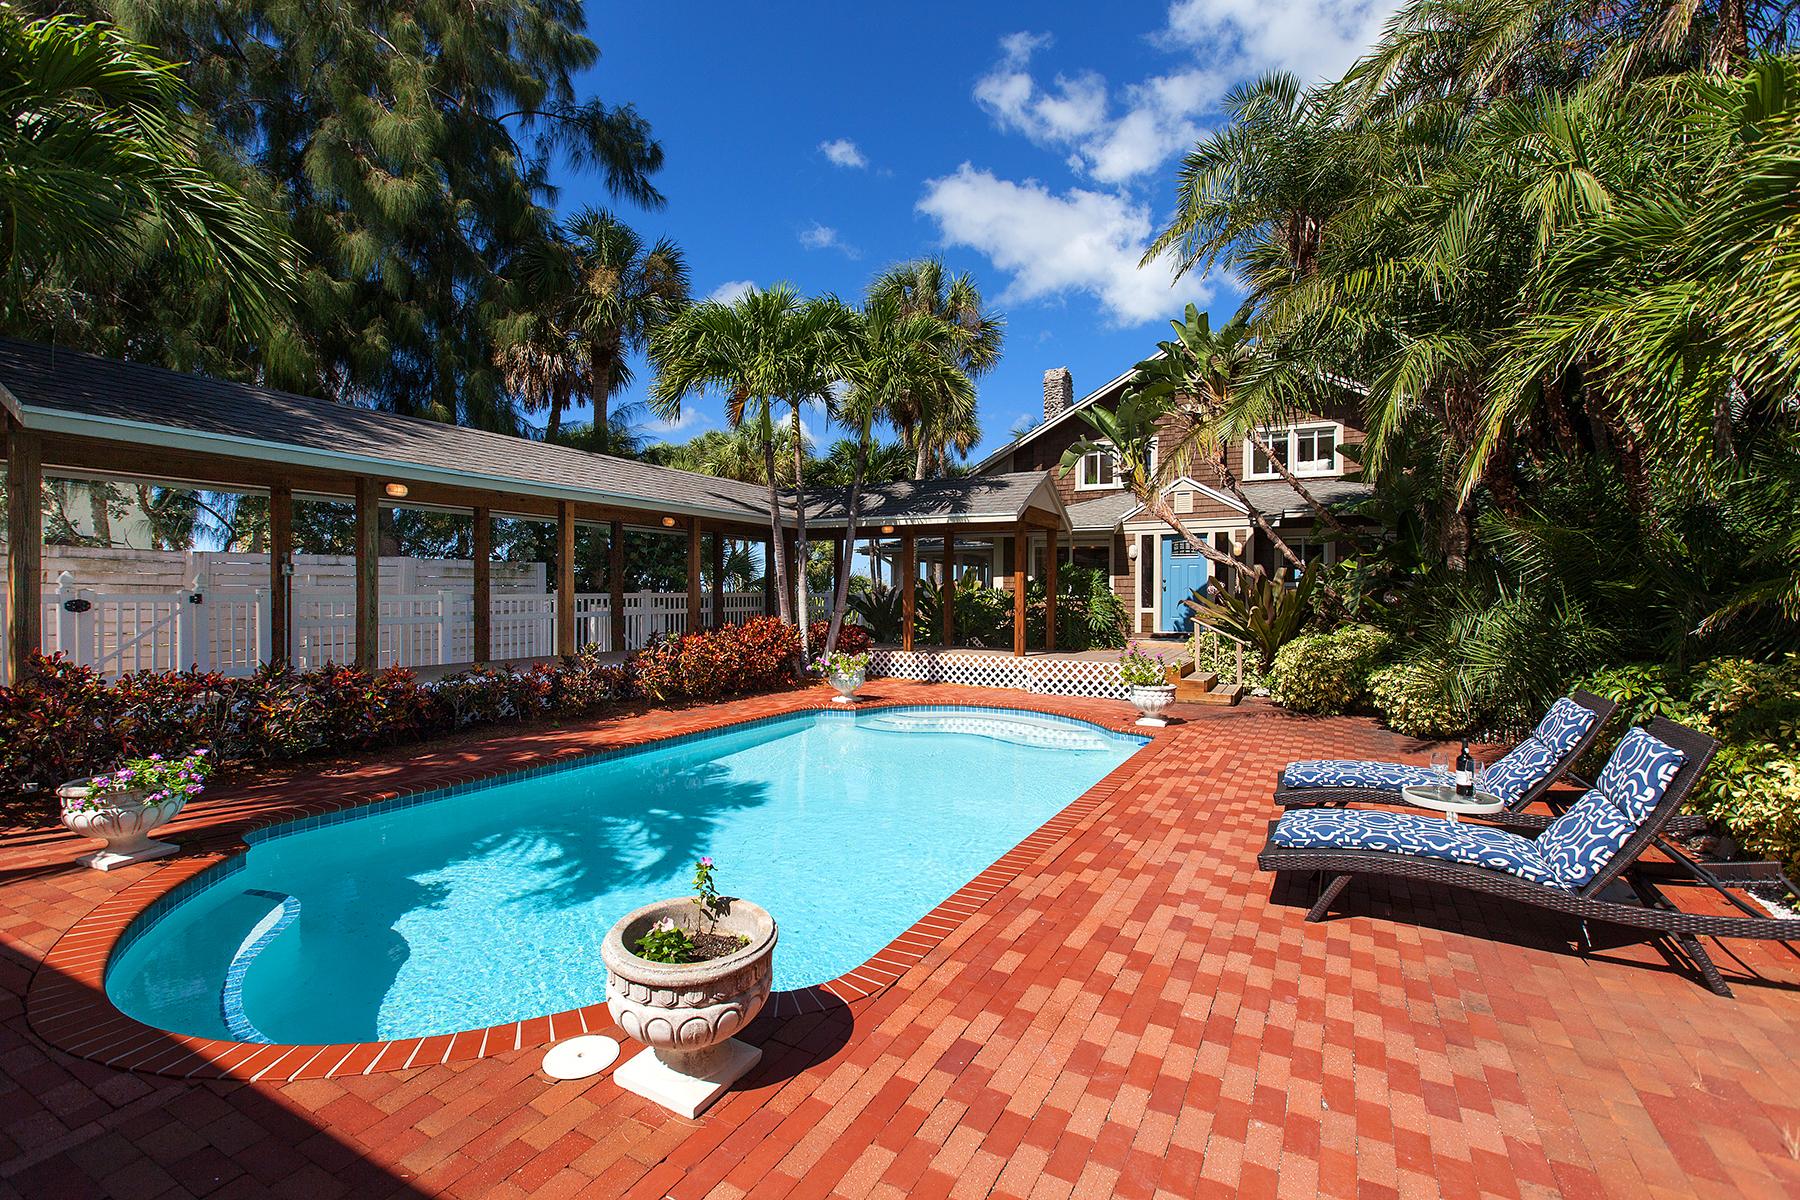 Casa Unifamiliar por un Venta en SIESTA KEY 4632 Ocean Blvd Sarasota, Florida, 34242 Estados Unidos